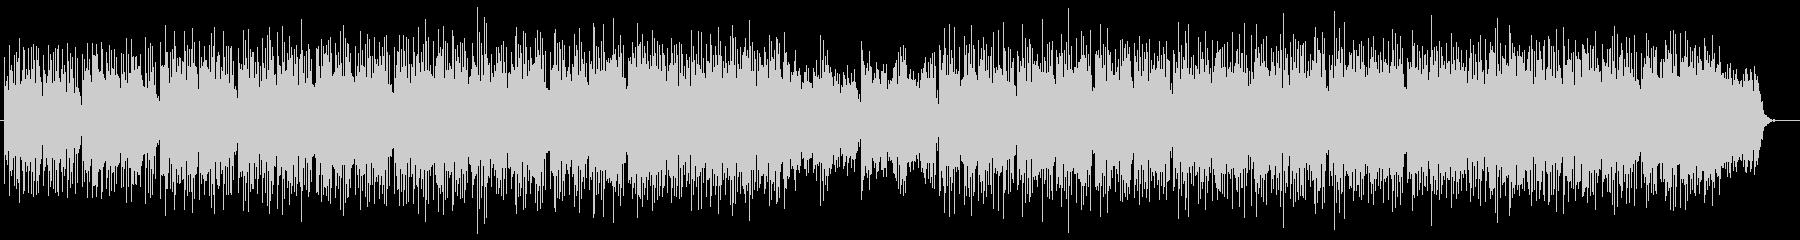 落ち着いたトーンのシンセサイザーの曲の未再生の波形